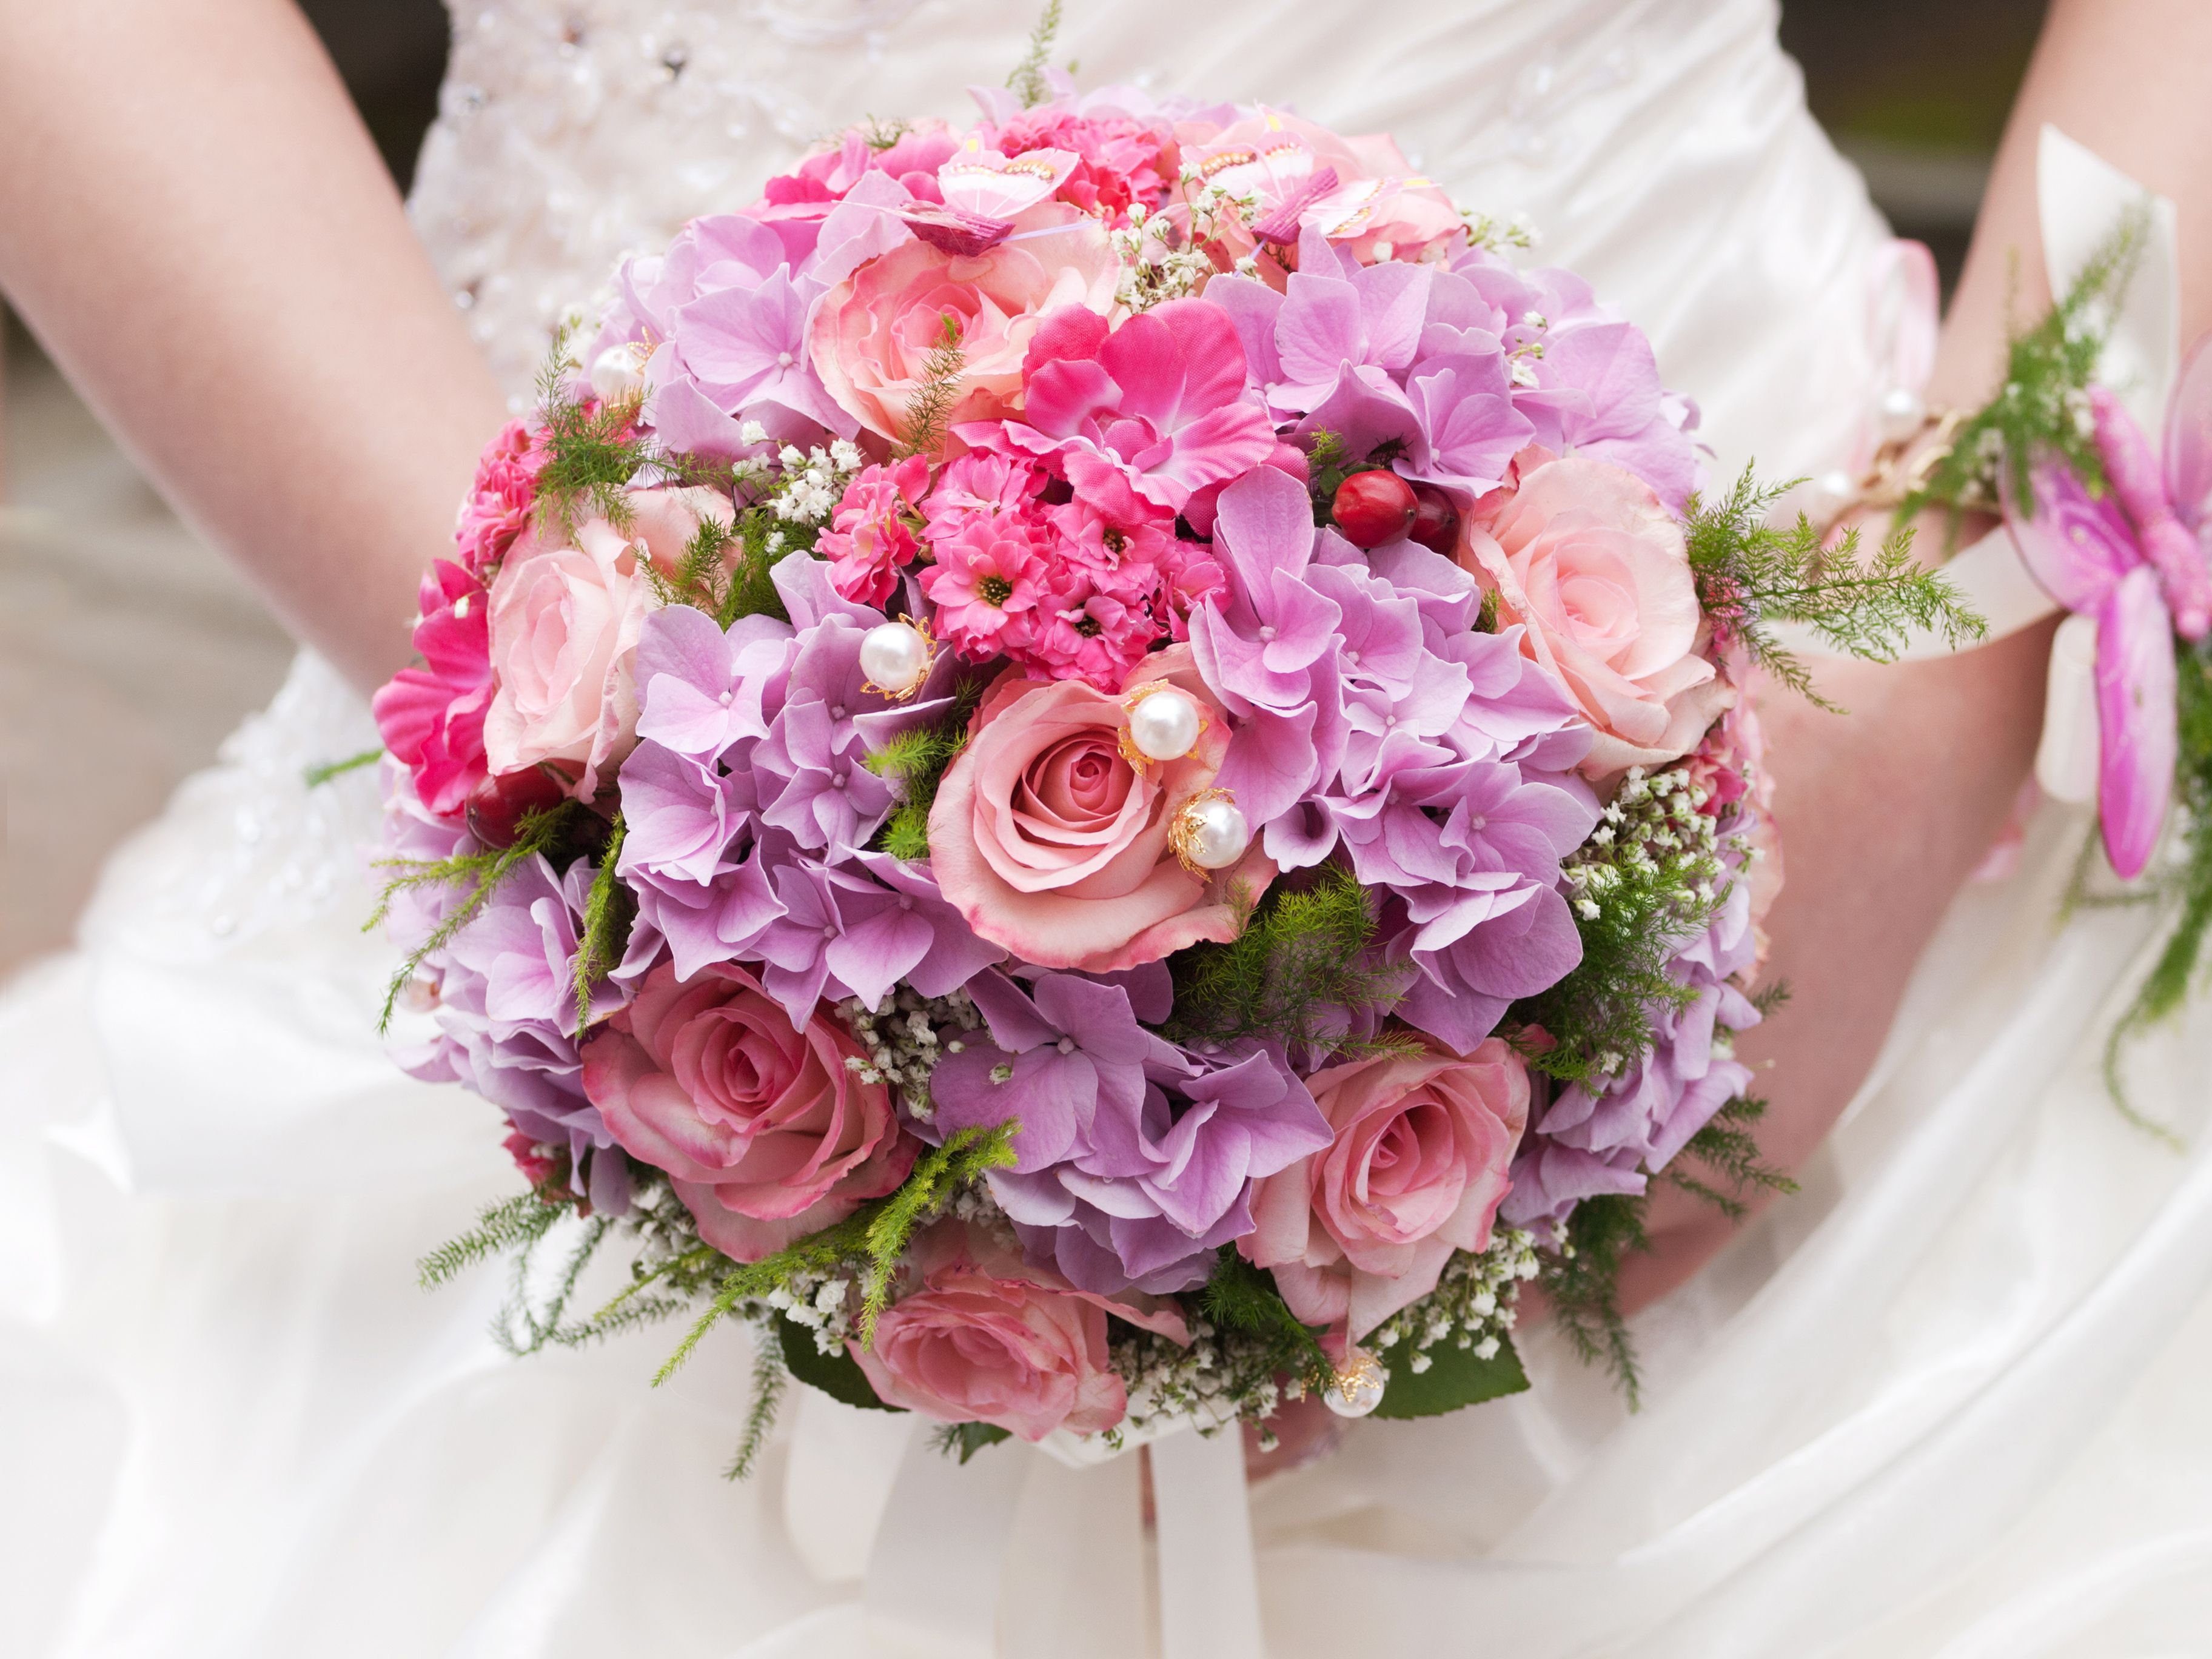 Walter van gastel trouwdecoratie bruidsboeket rozen hortensia flowers izmirmasajfo Choice Image